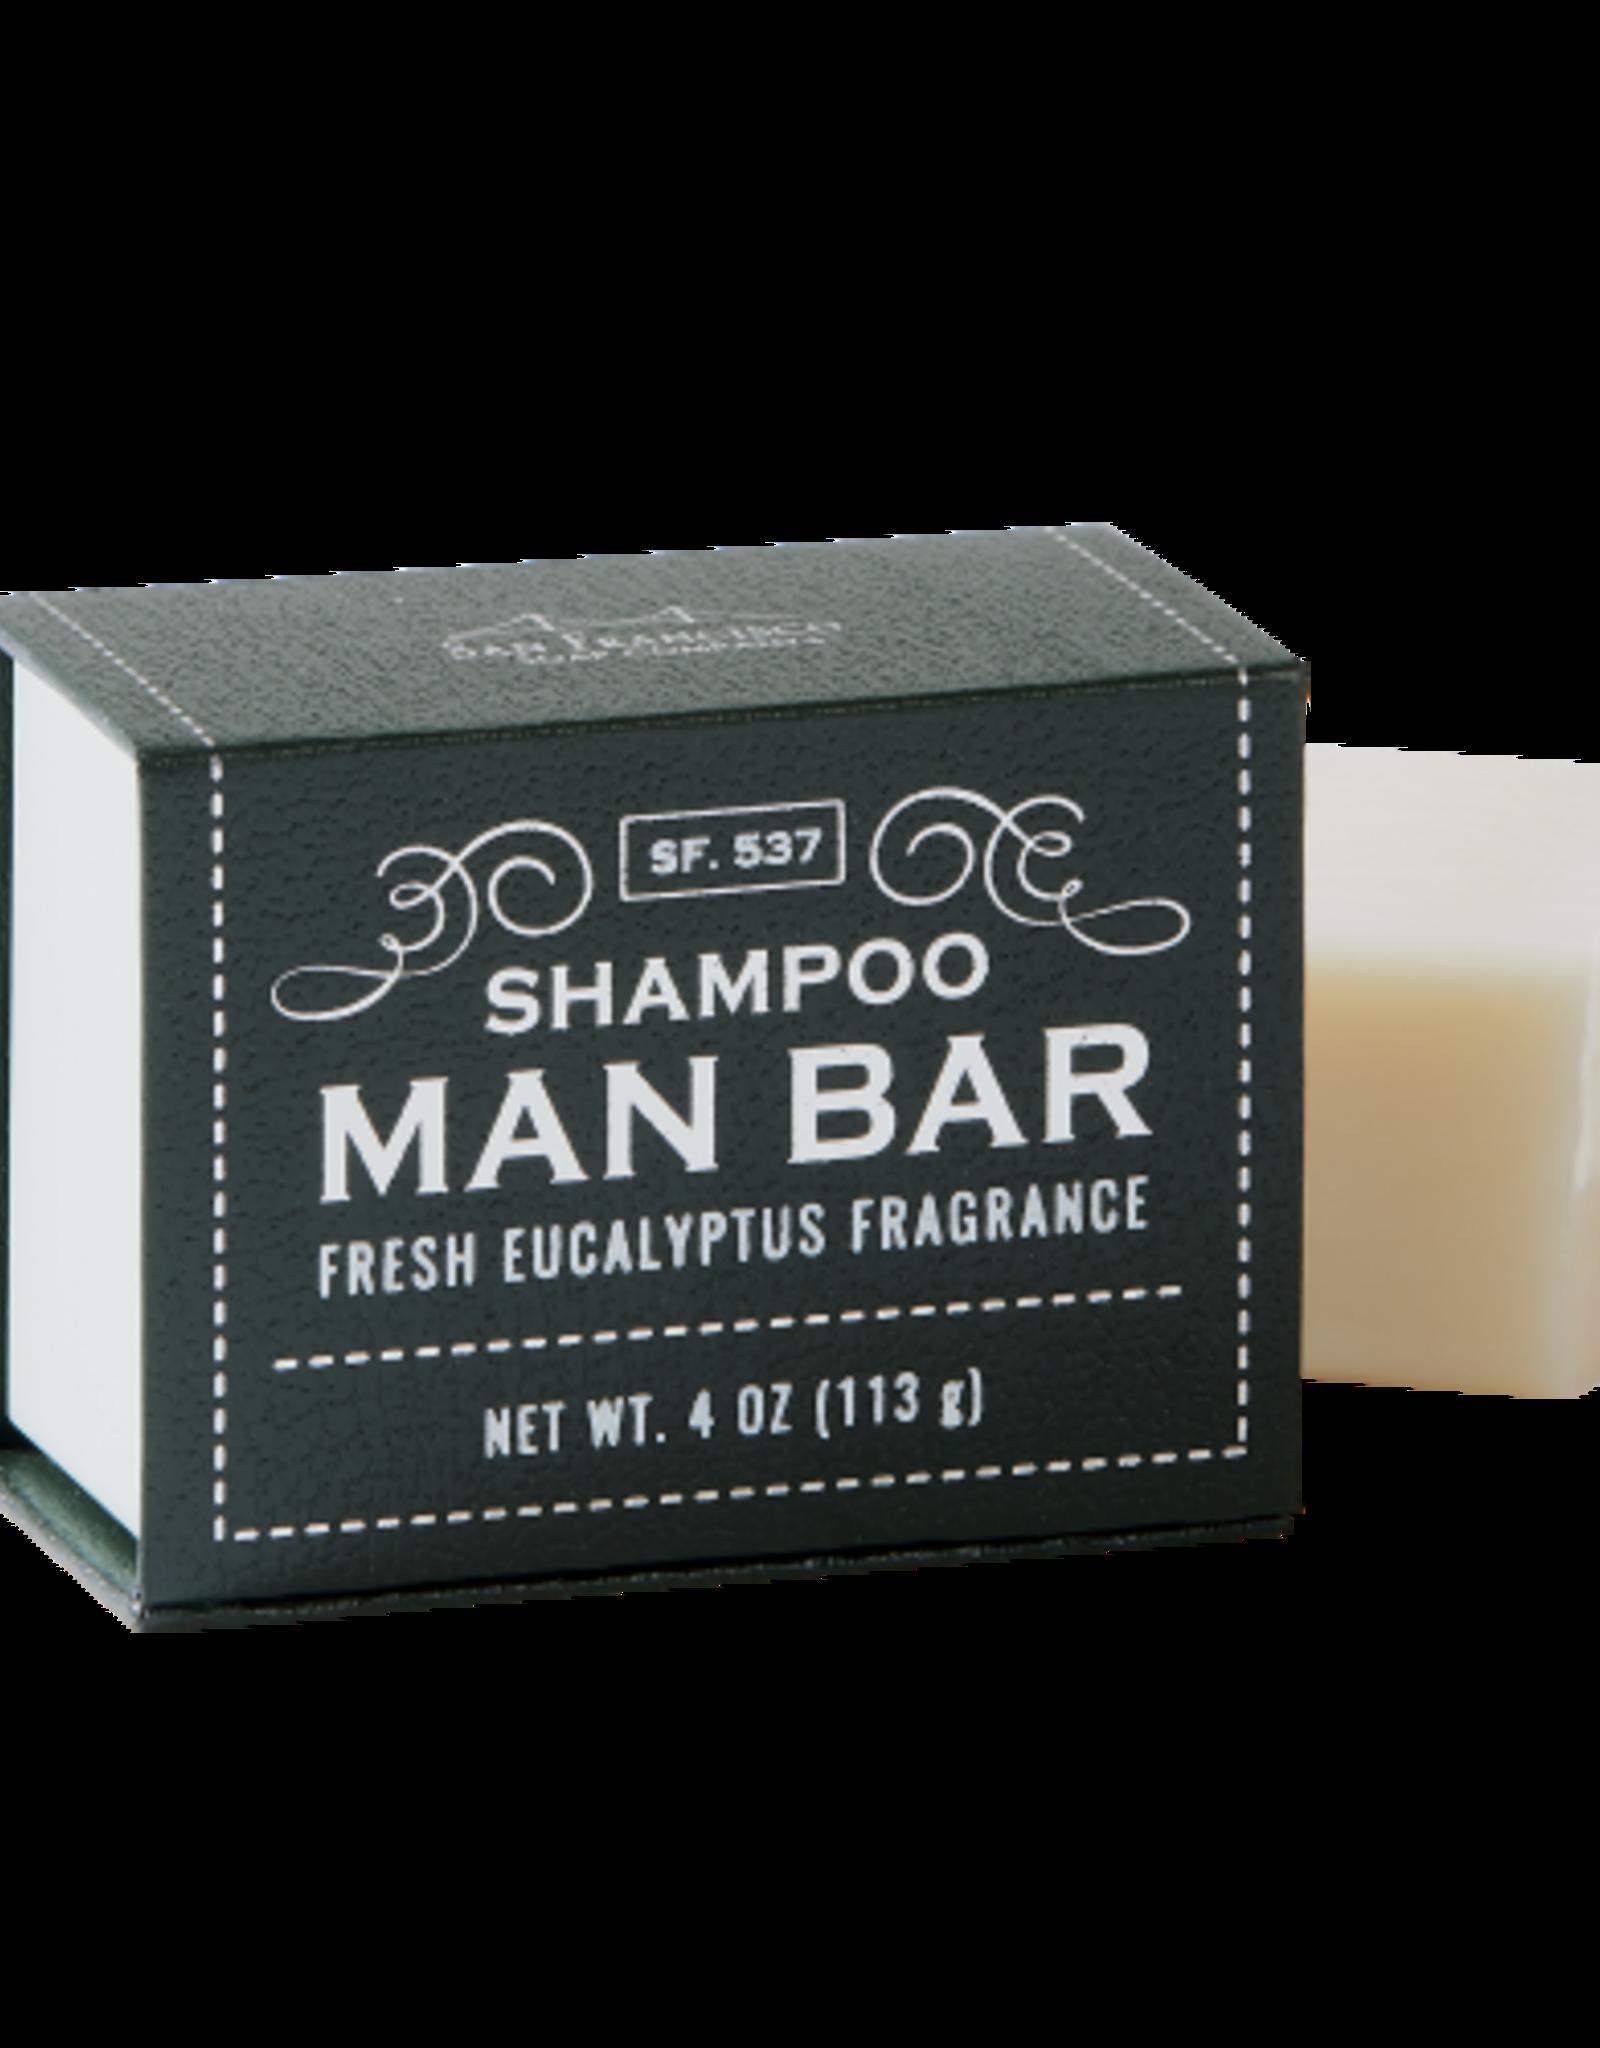 SAN FRANCISCO SOAP COMPANY SHAMPOO BAR EUCALYPTUS